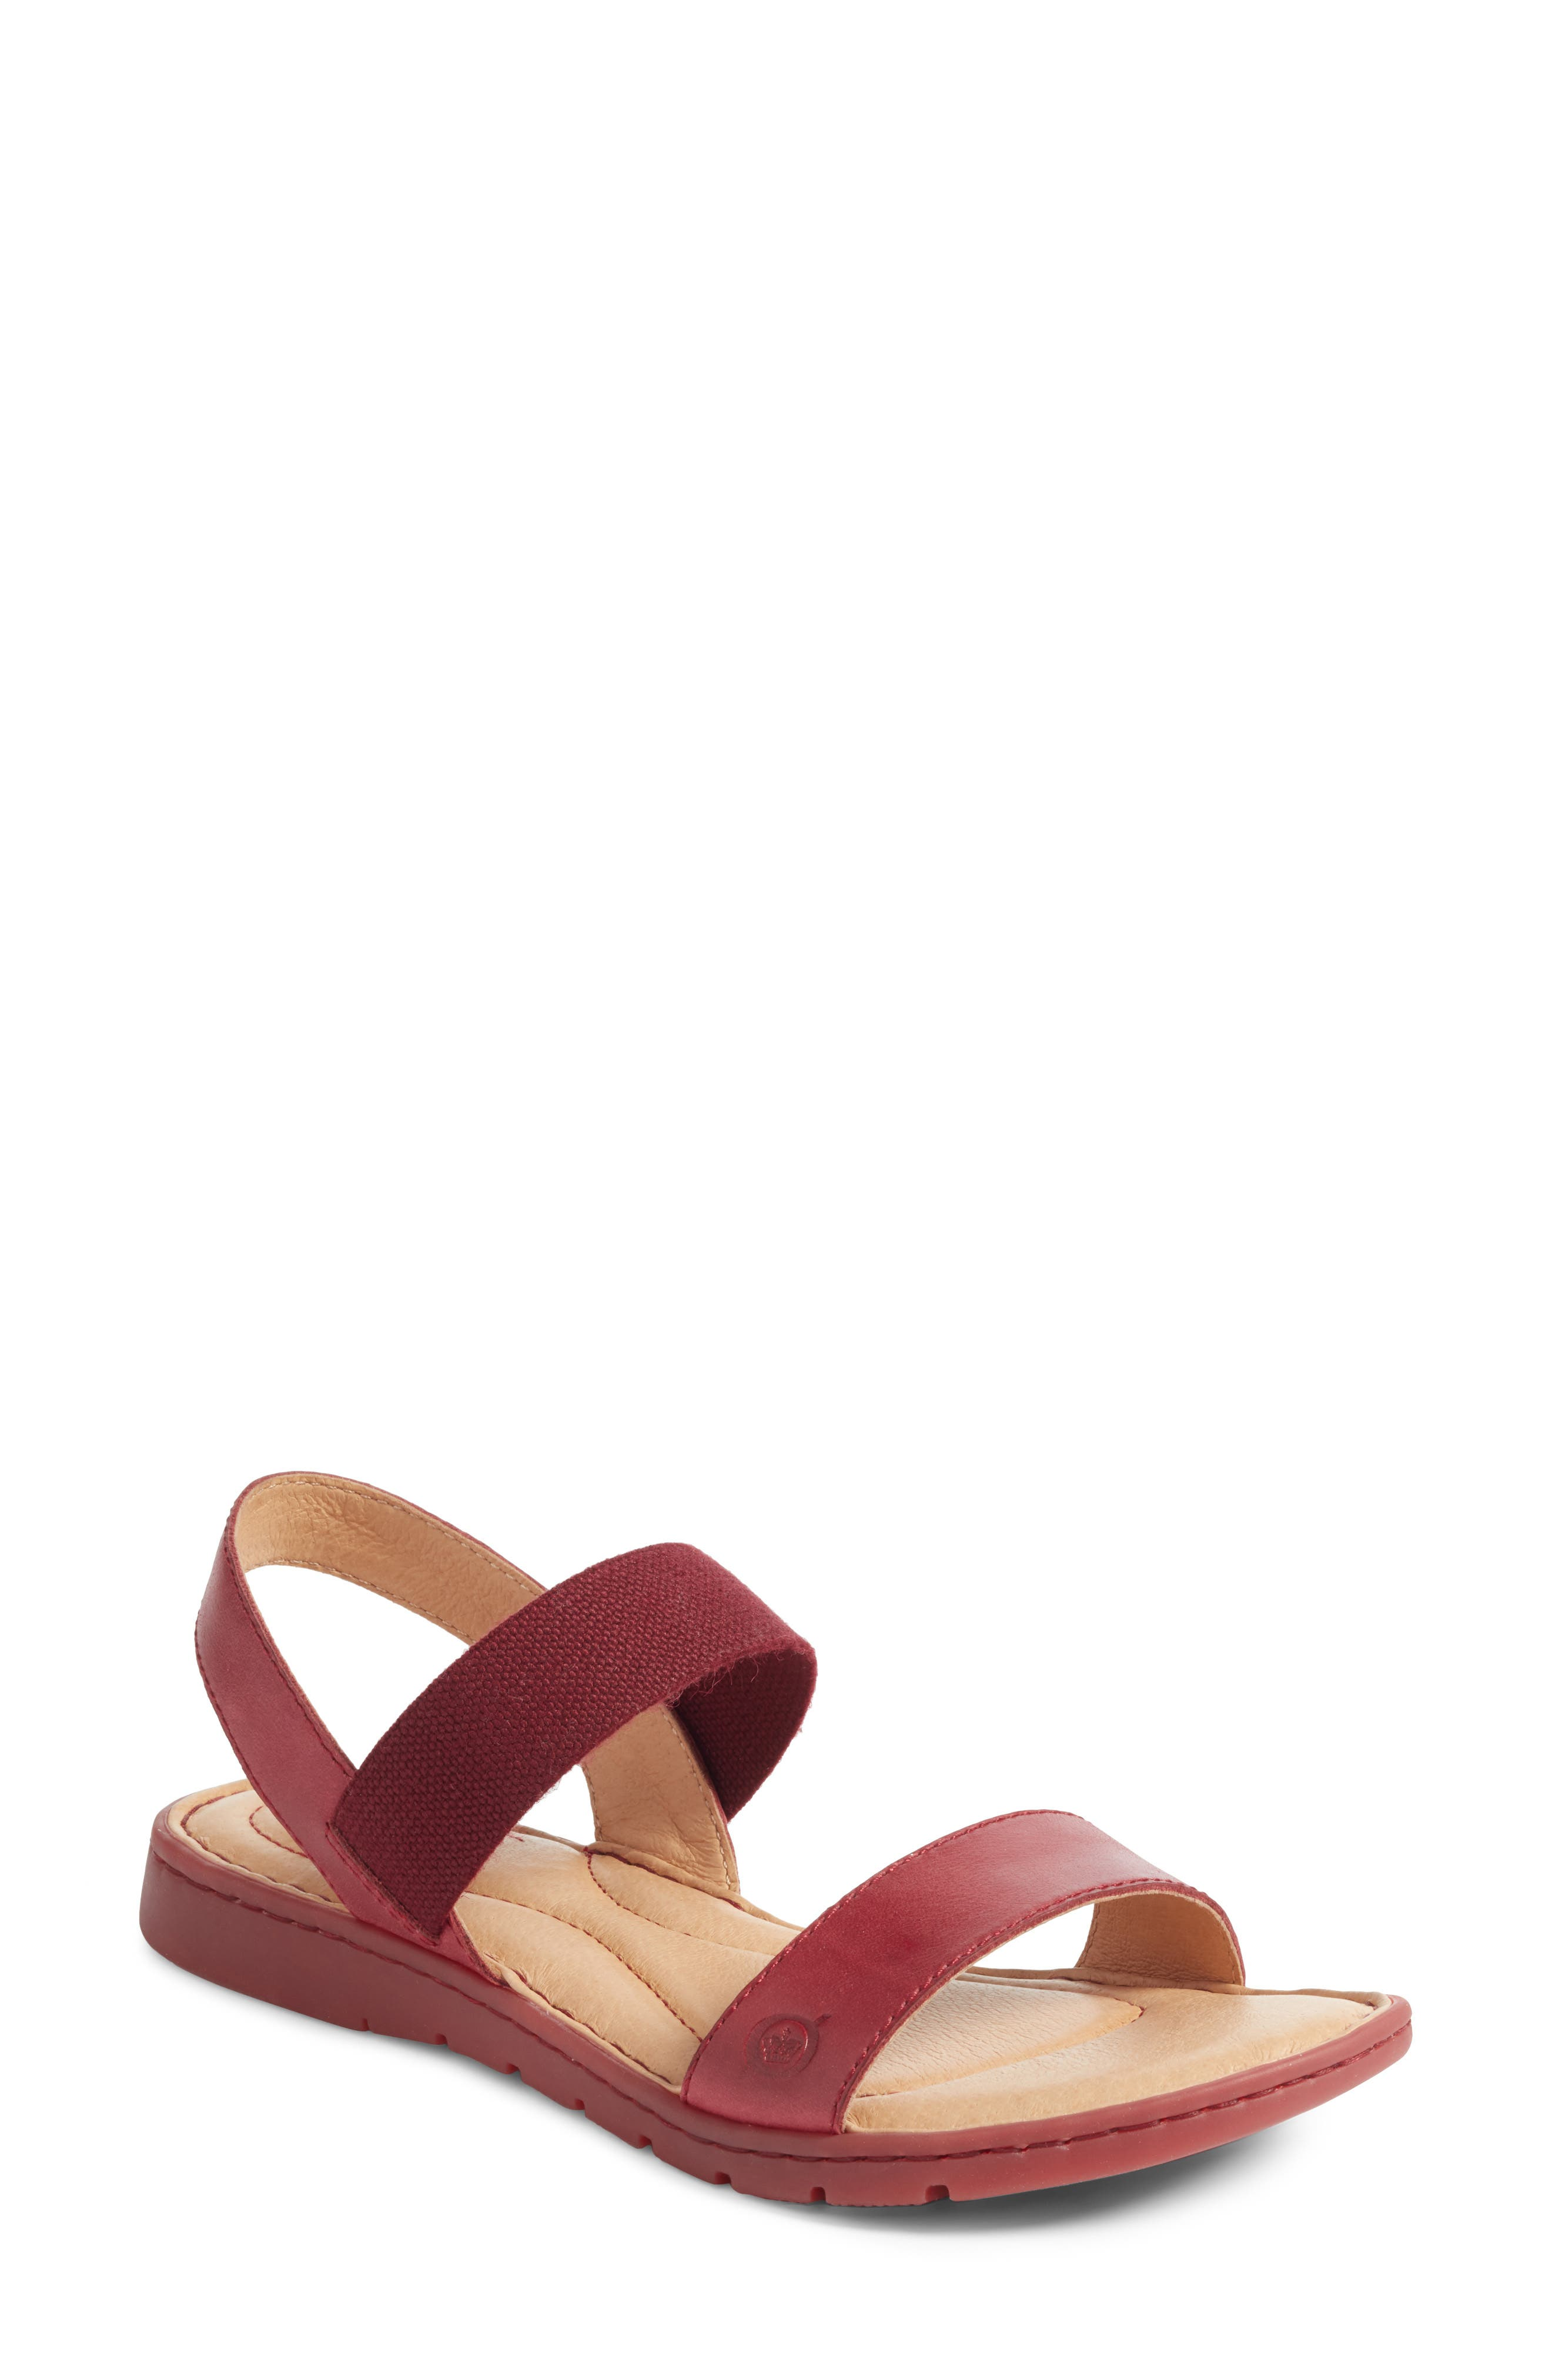 Börn Elstar Sandal,                         Main,                         color, Red Leather